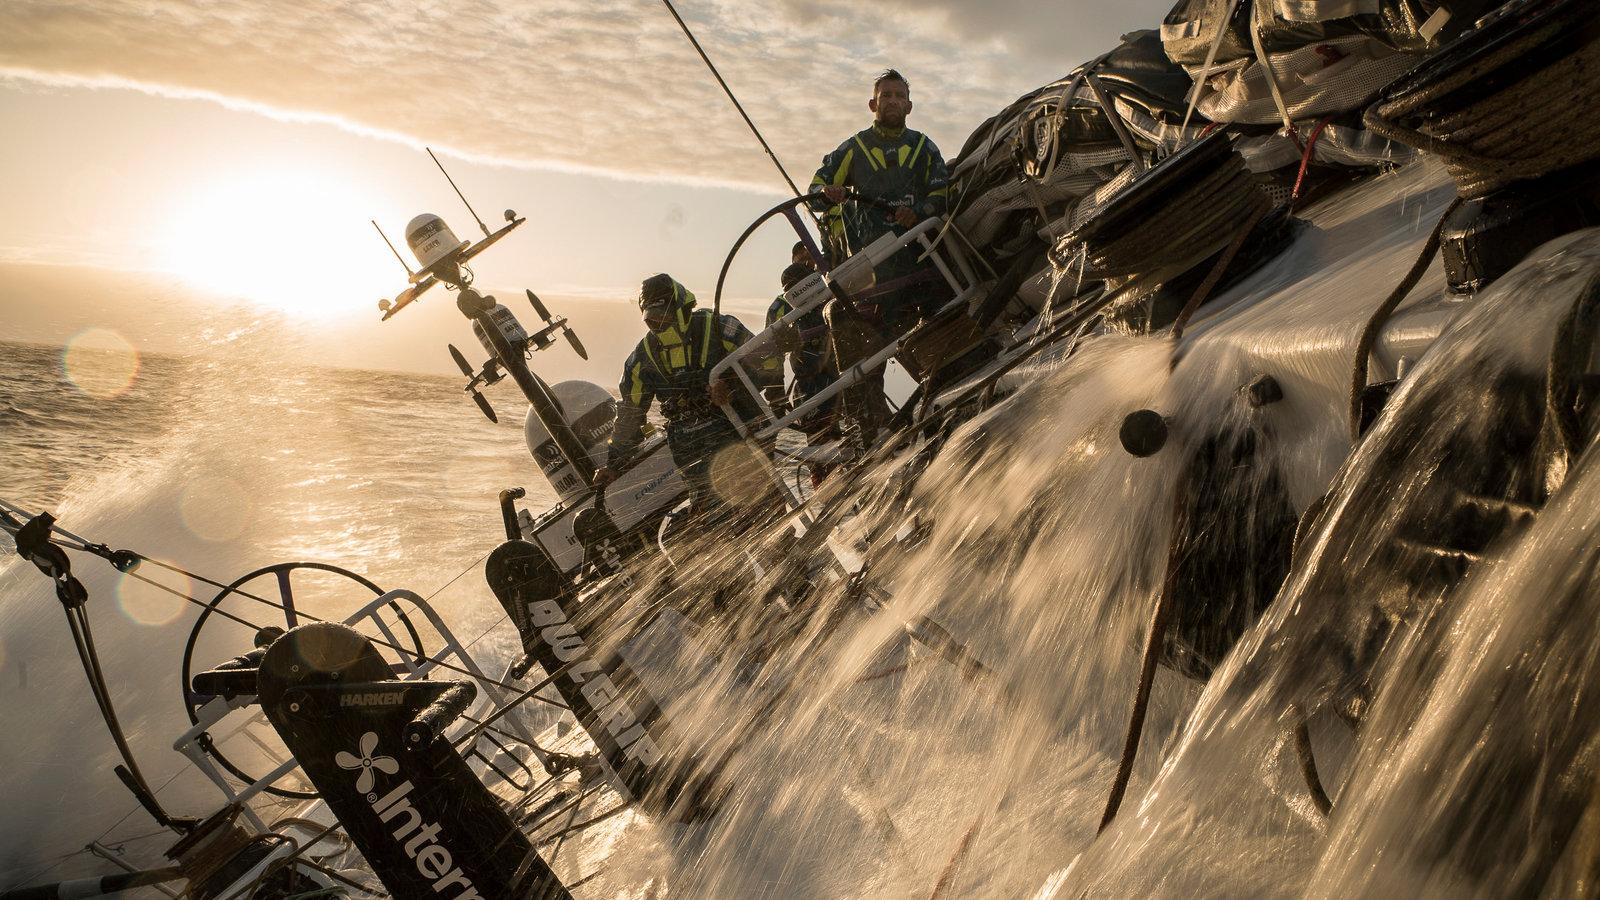 他只是个航海大赛的记者,但他决定跟随父亲的脚步环游世界